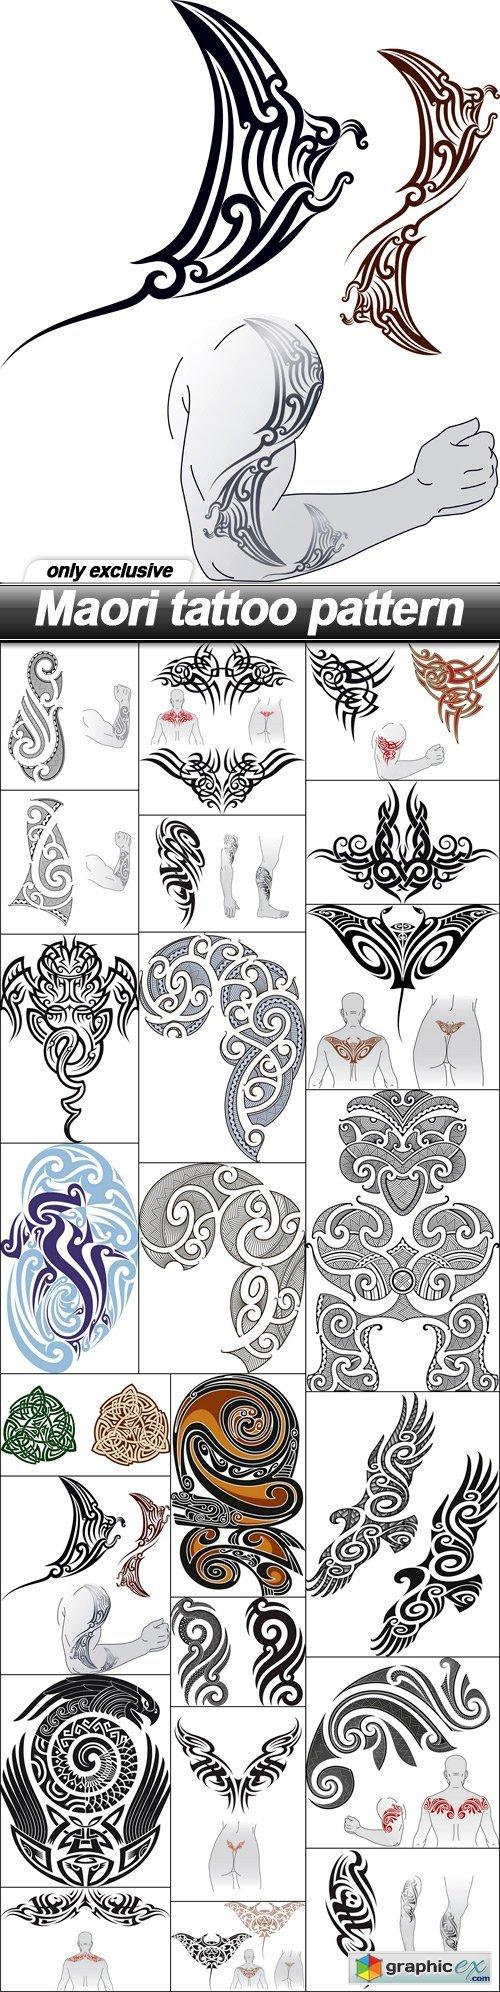 Maori tattoo pattern - 23 EPS